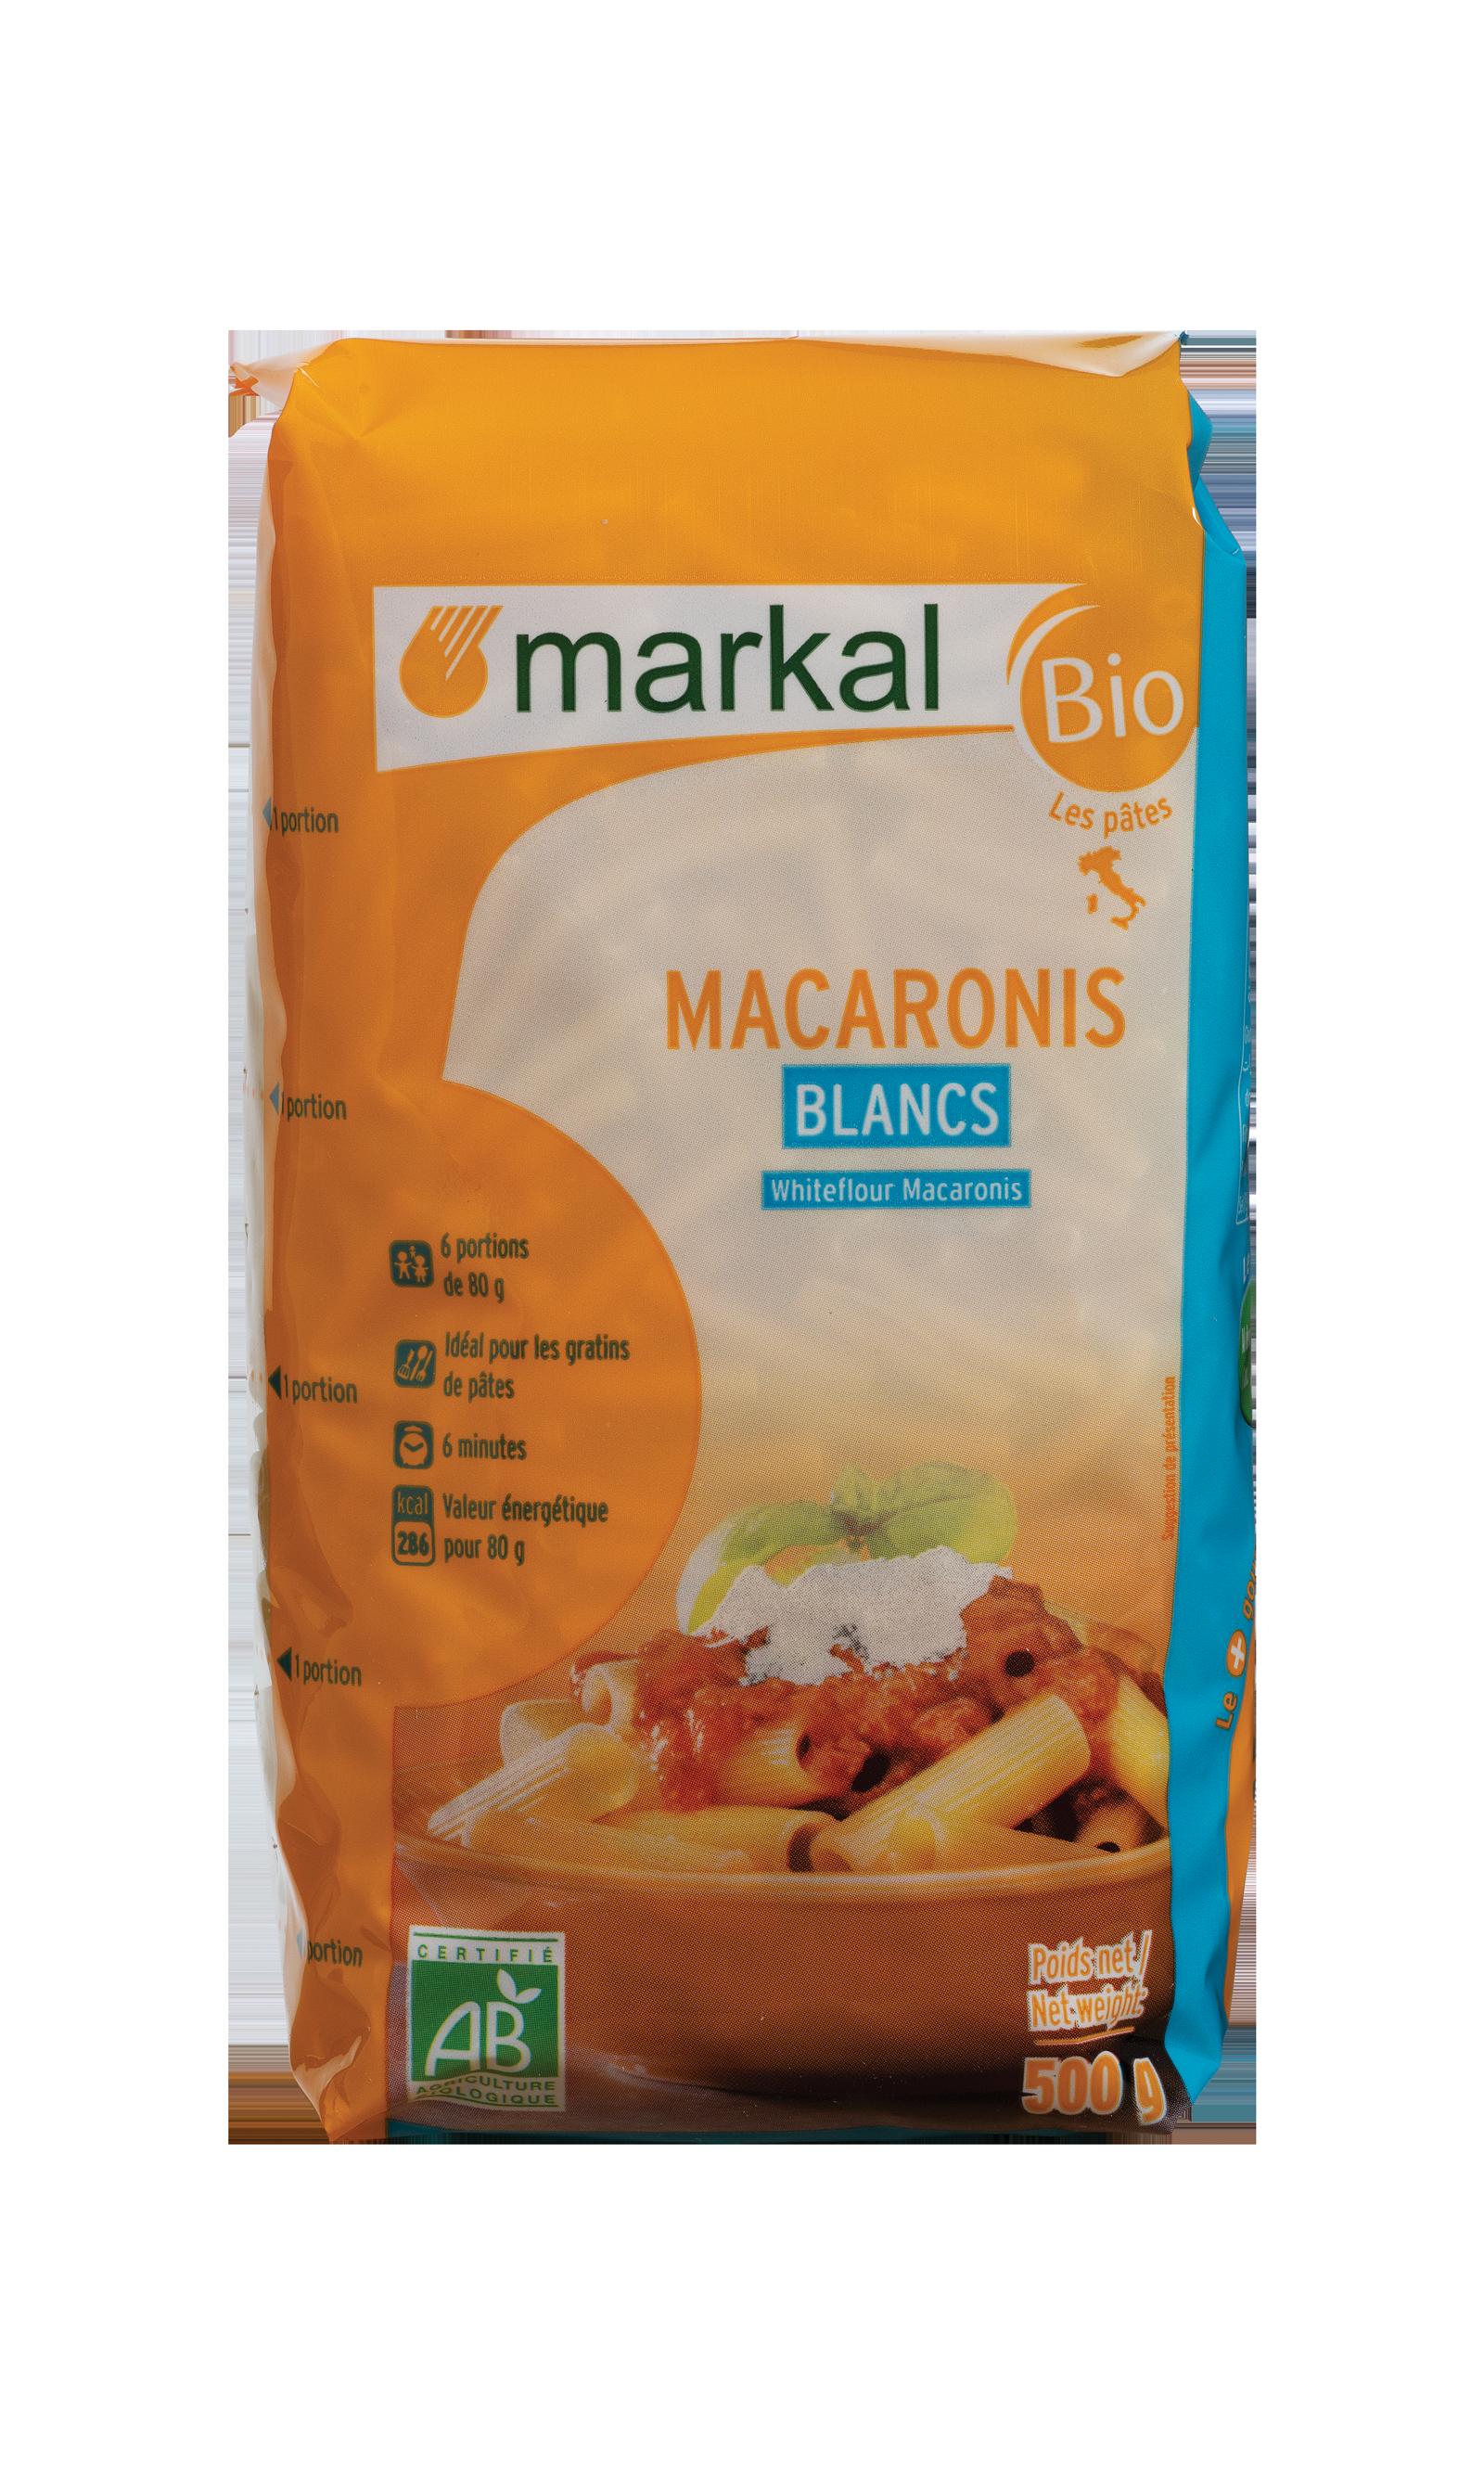 Macaroni blancs